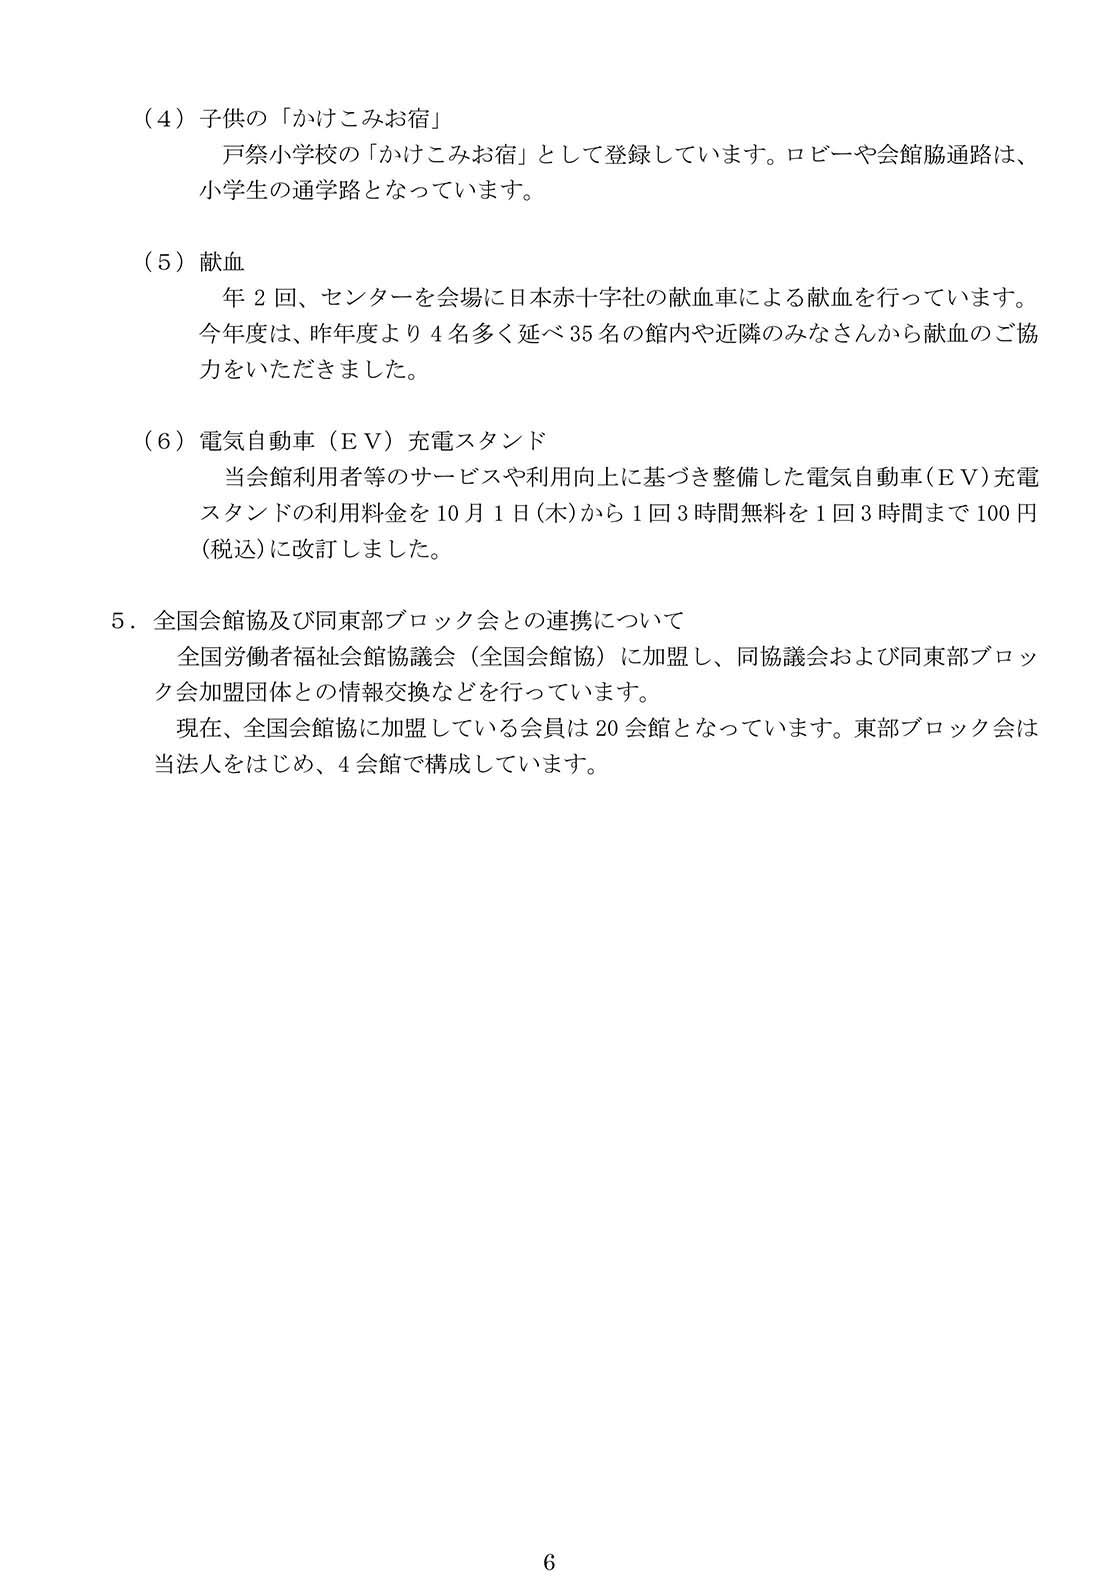 第56回-事業報告書-6